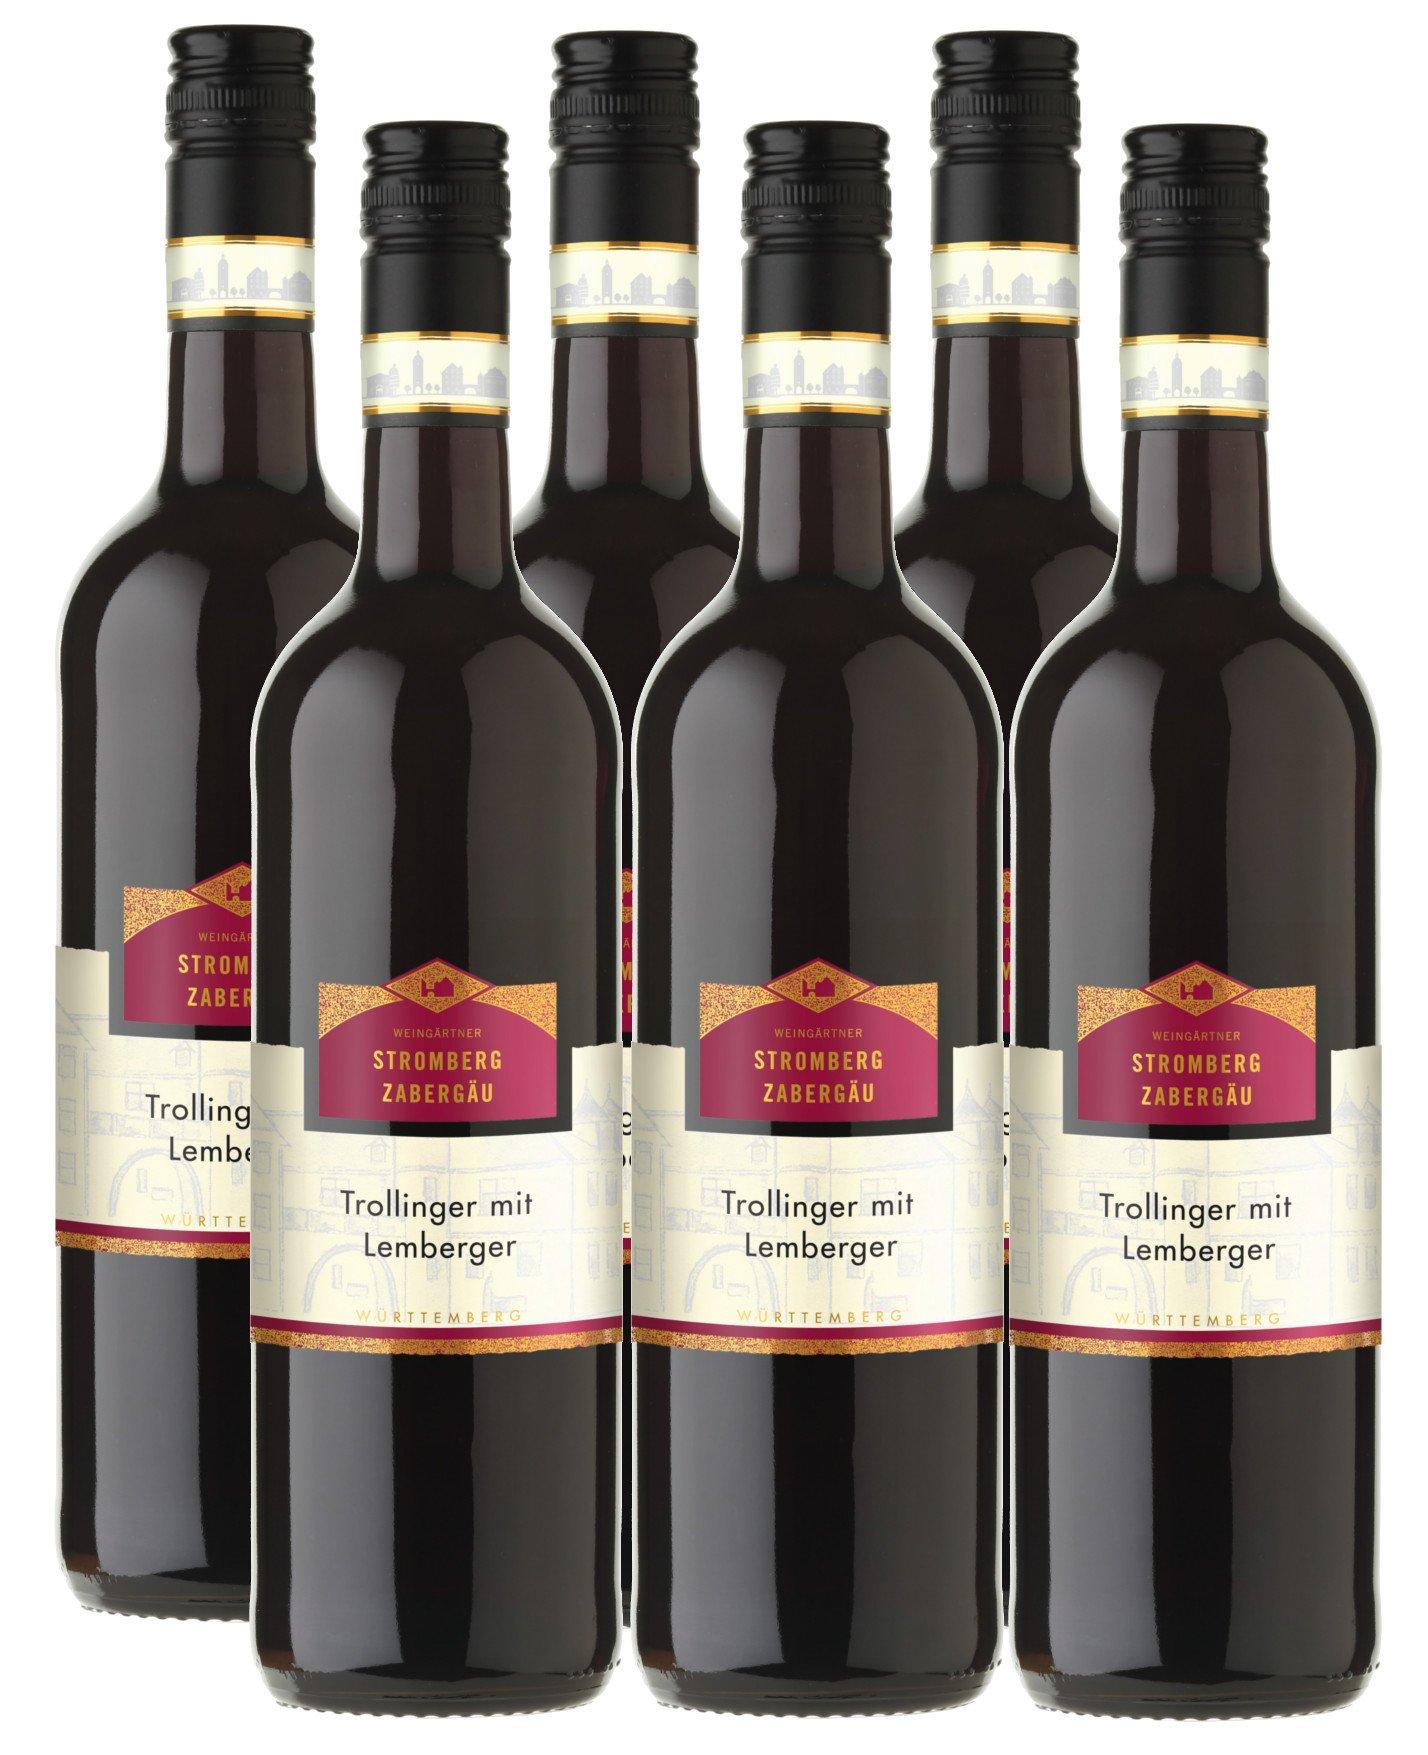 Trollinger-mit-Lemberger-StrombergZabergu-rot-halbtrocken-115-vol-6er-Paket